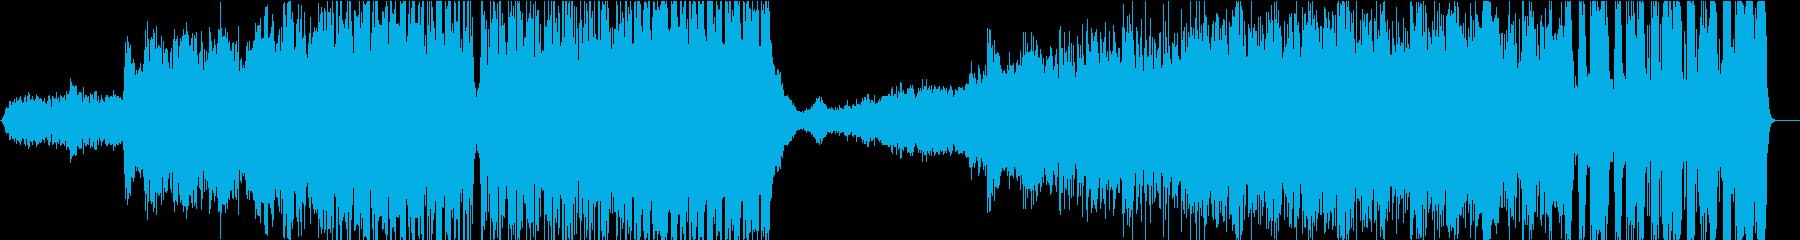 壮大な宇宙規模のSFのテーマ曲の再生済みの波形